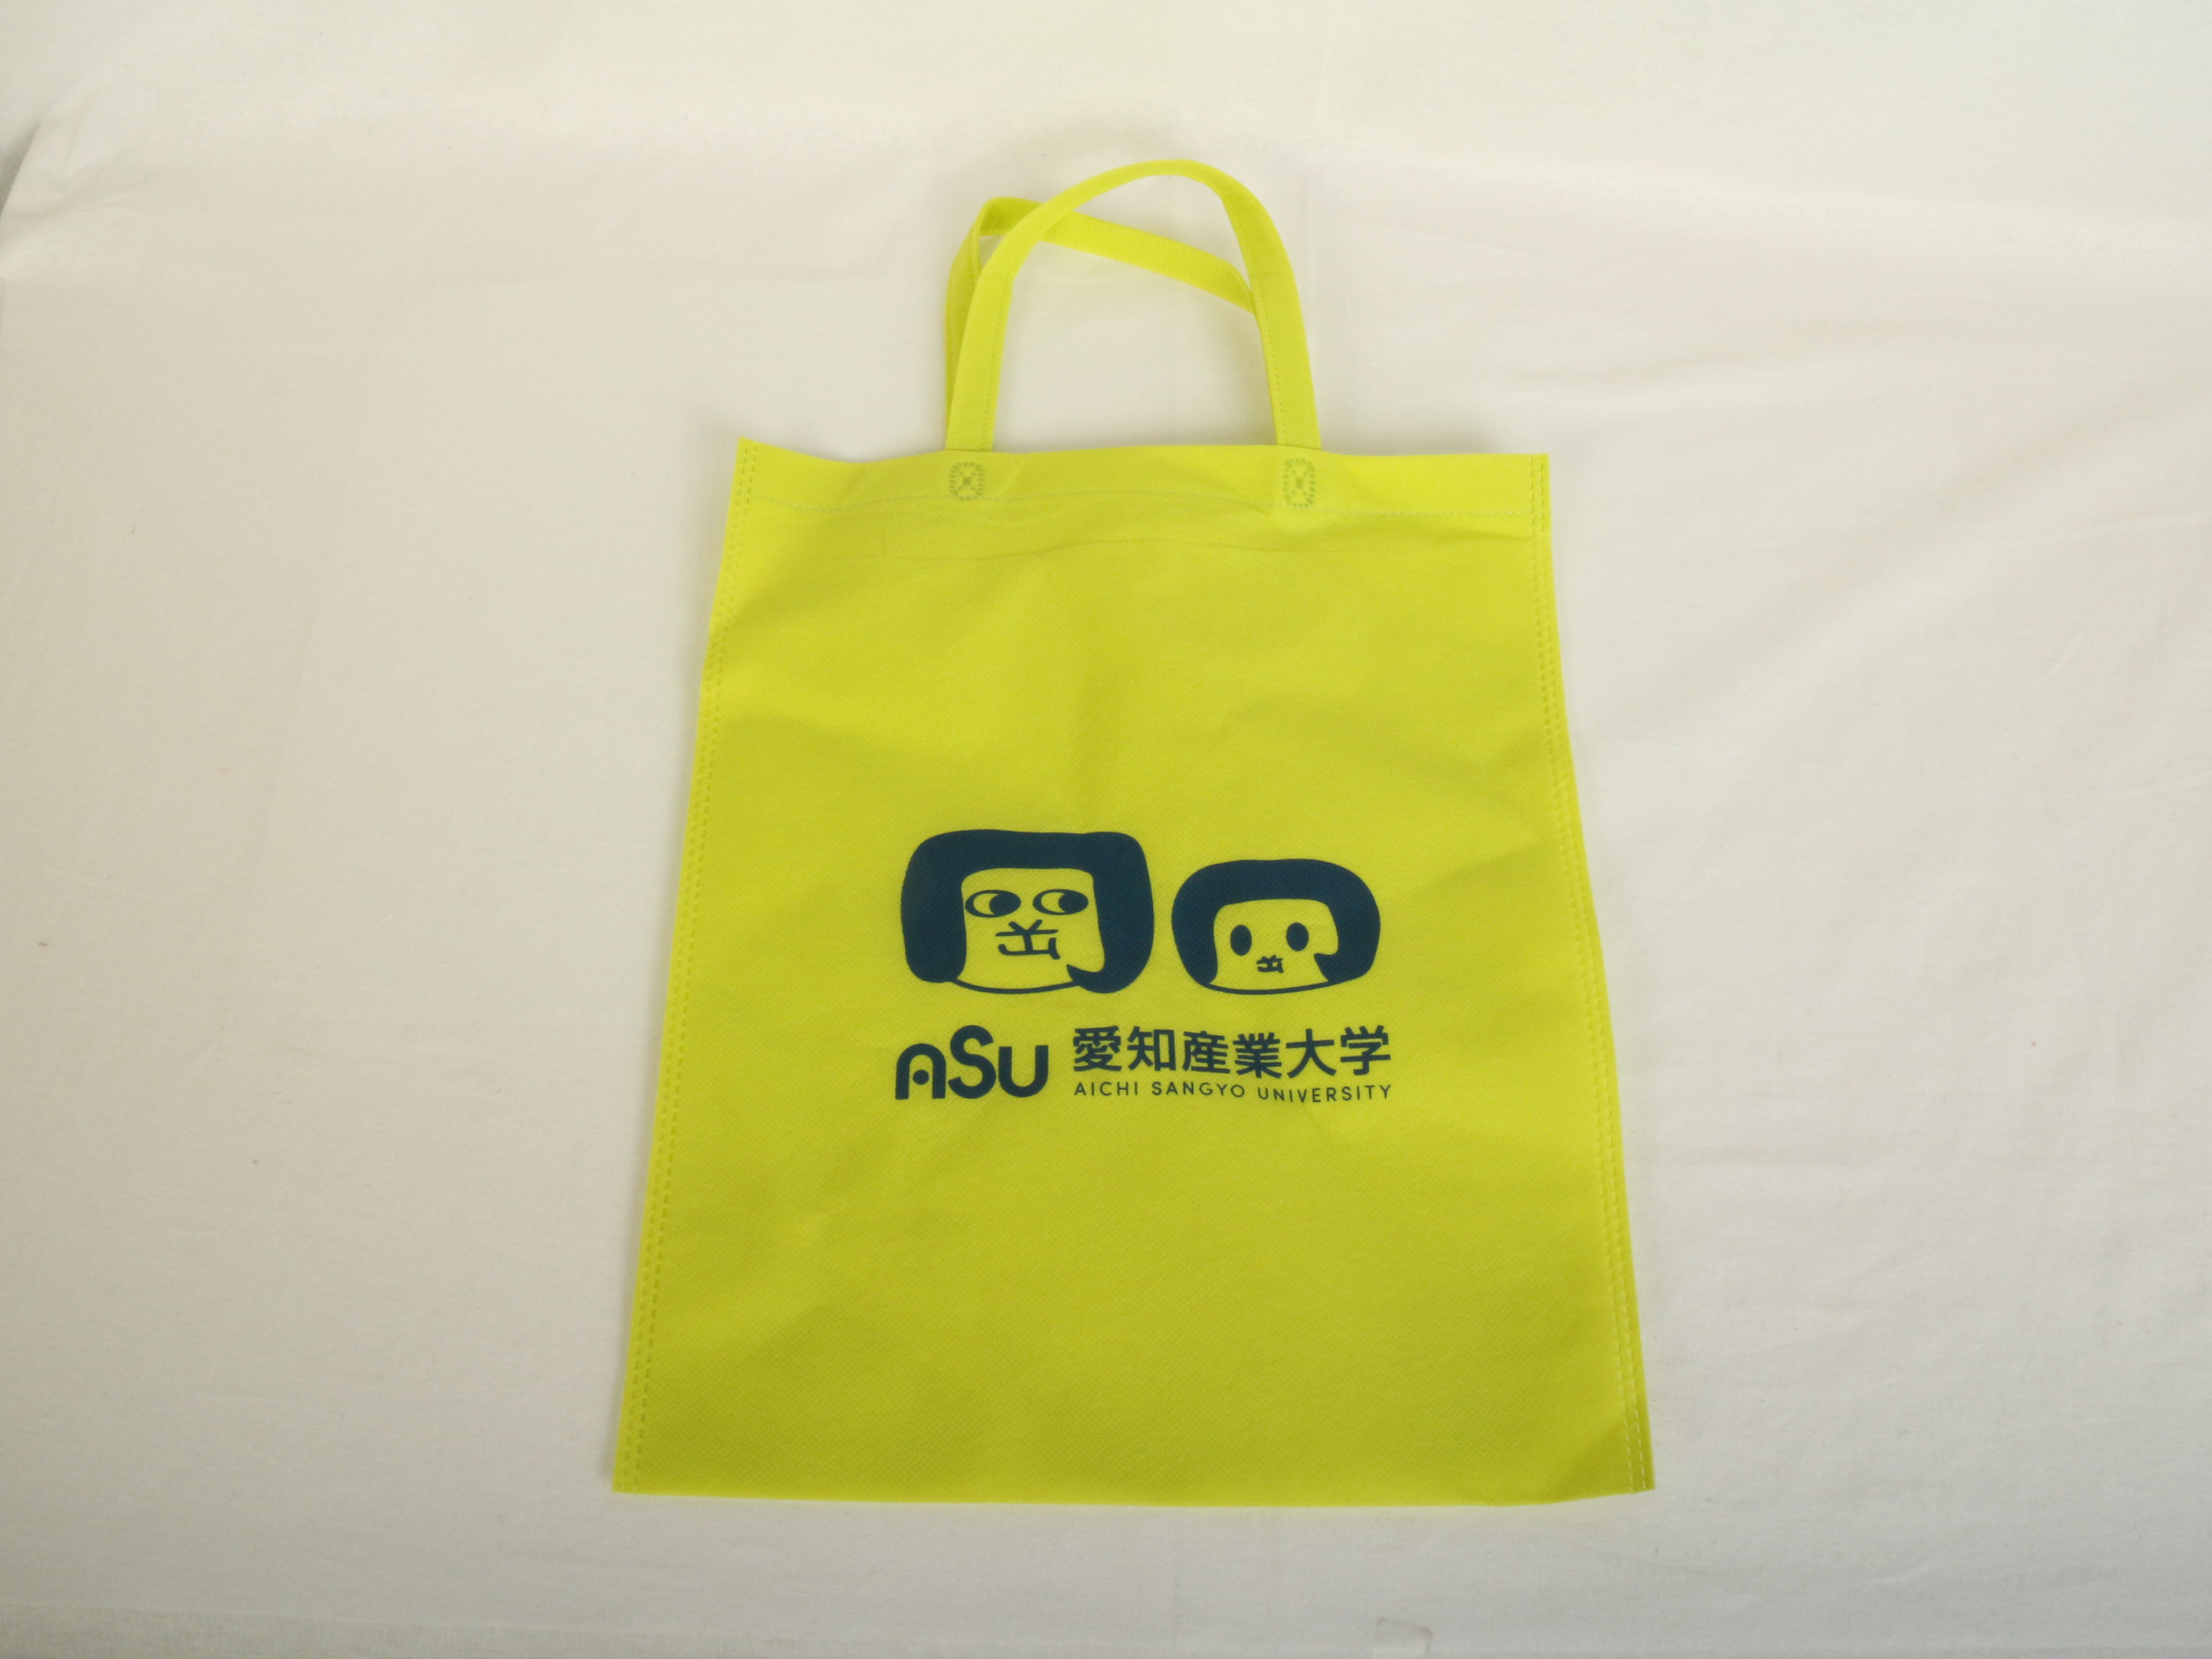 大学のオープンキャンパス用オリジナル不織布バッグ